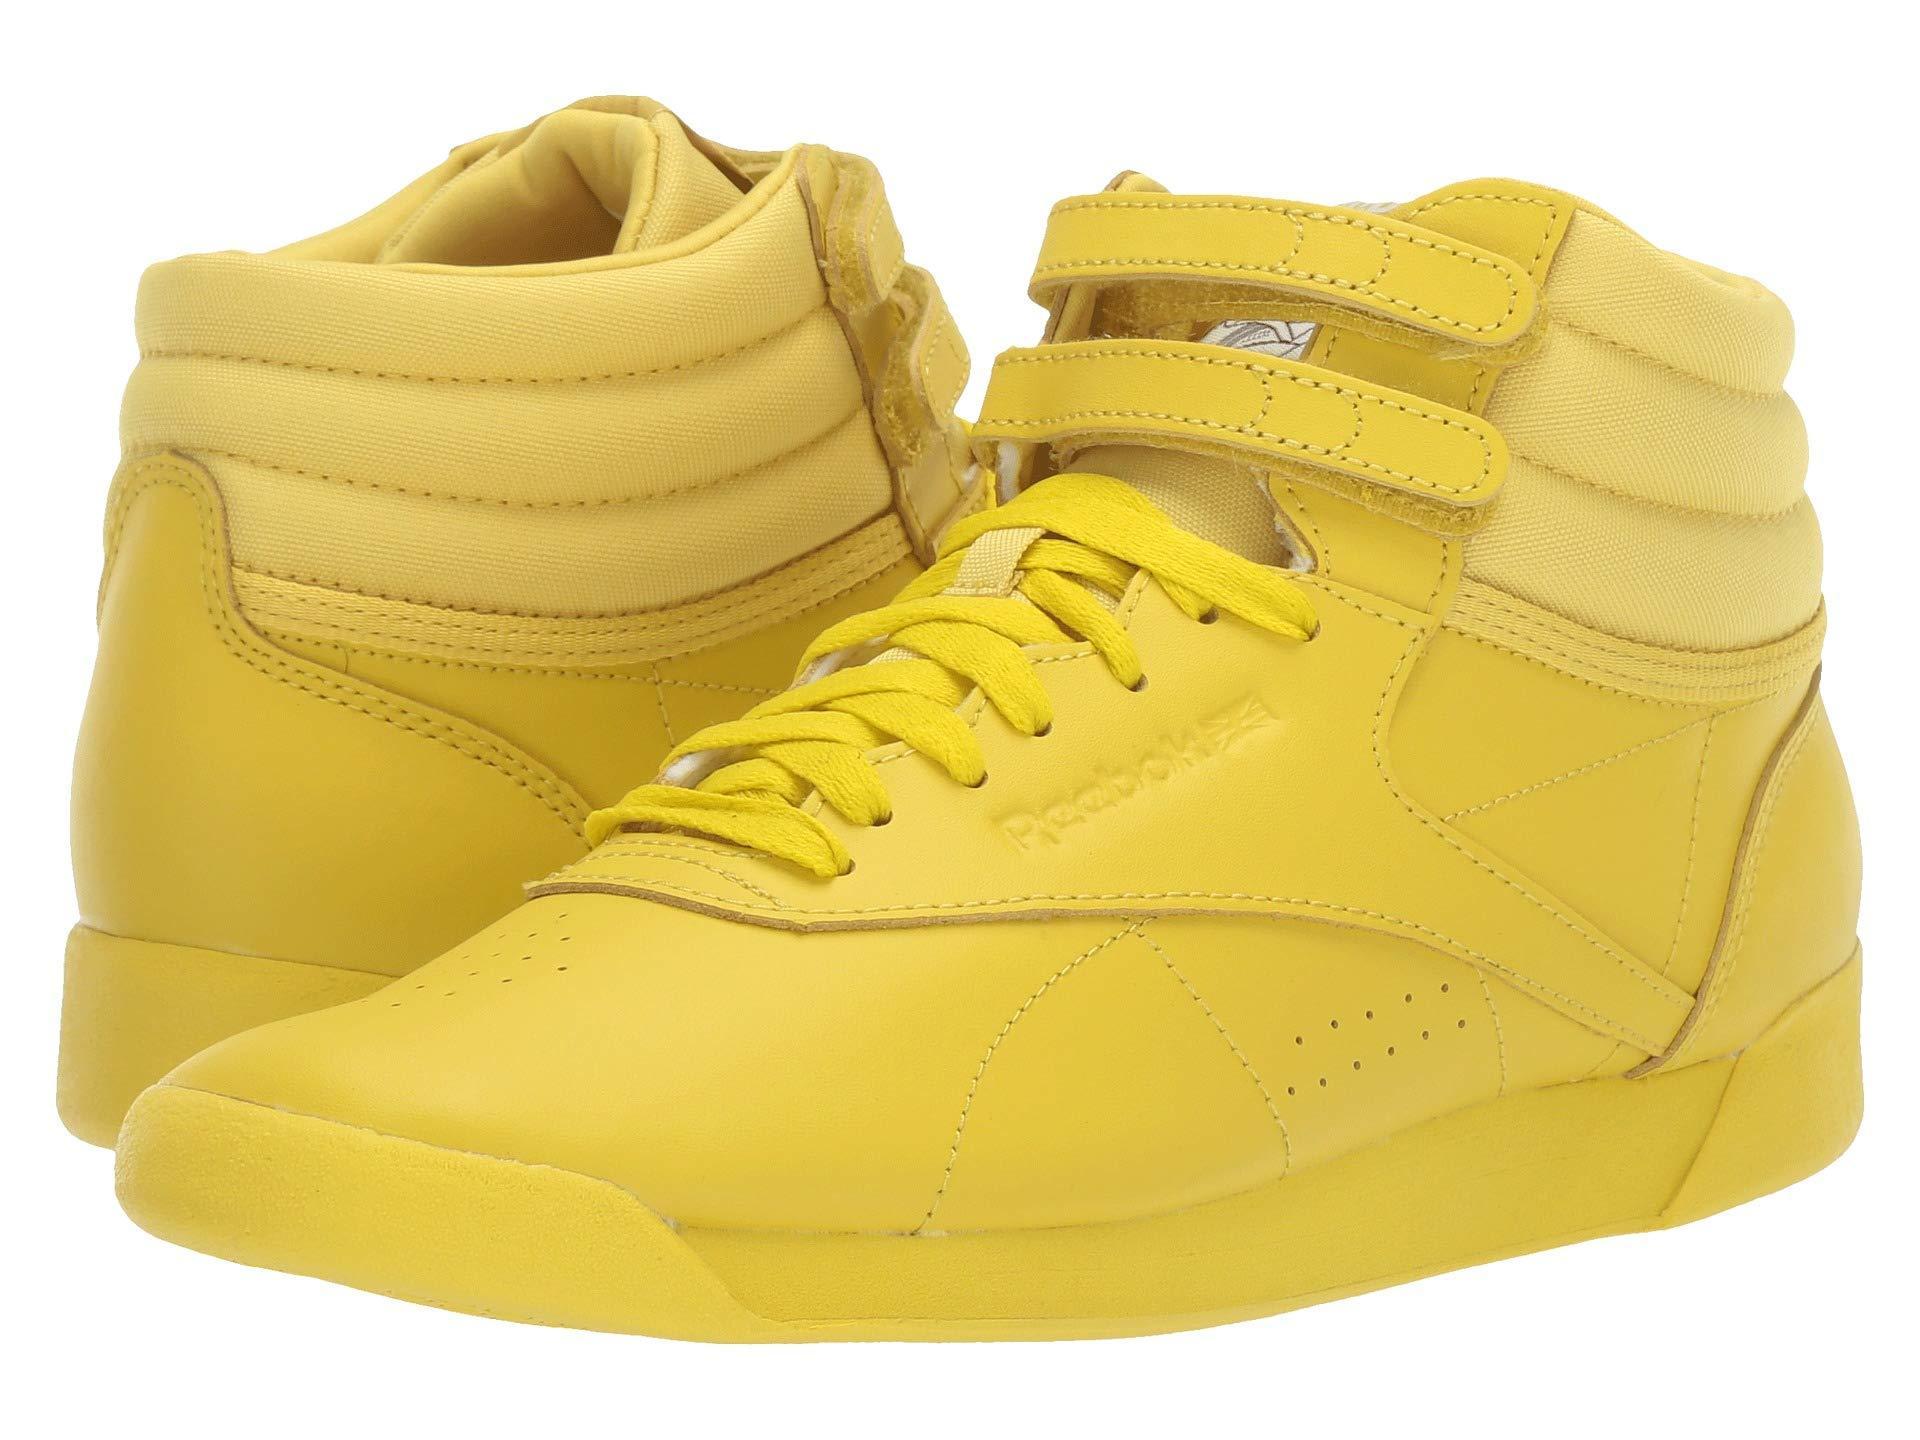 Reebok Leather Freestyle Hi in Yellow